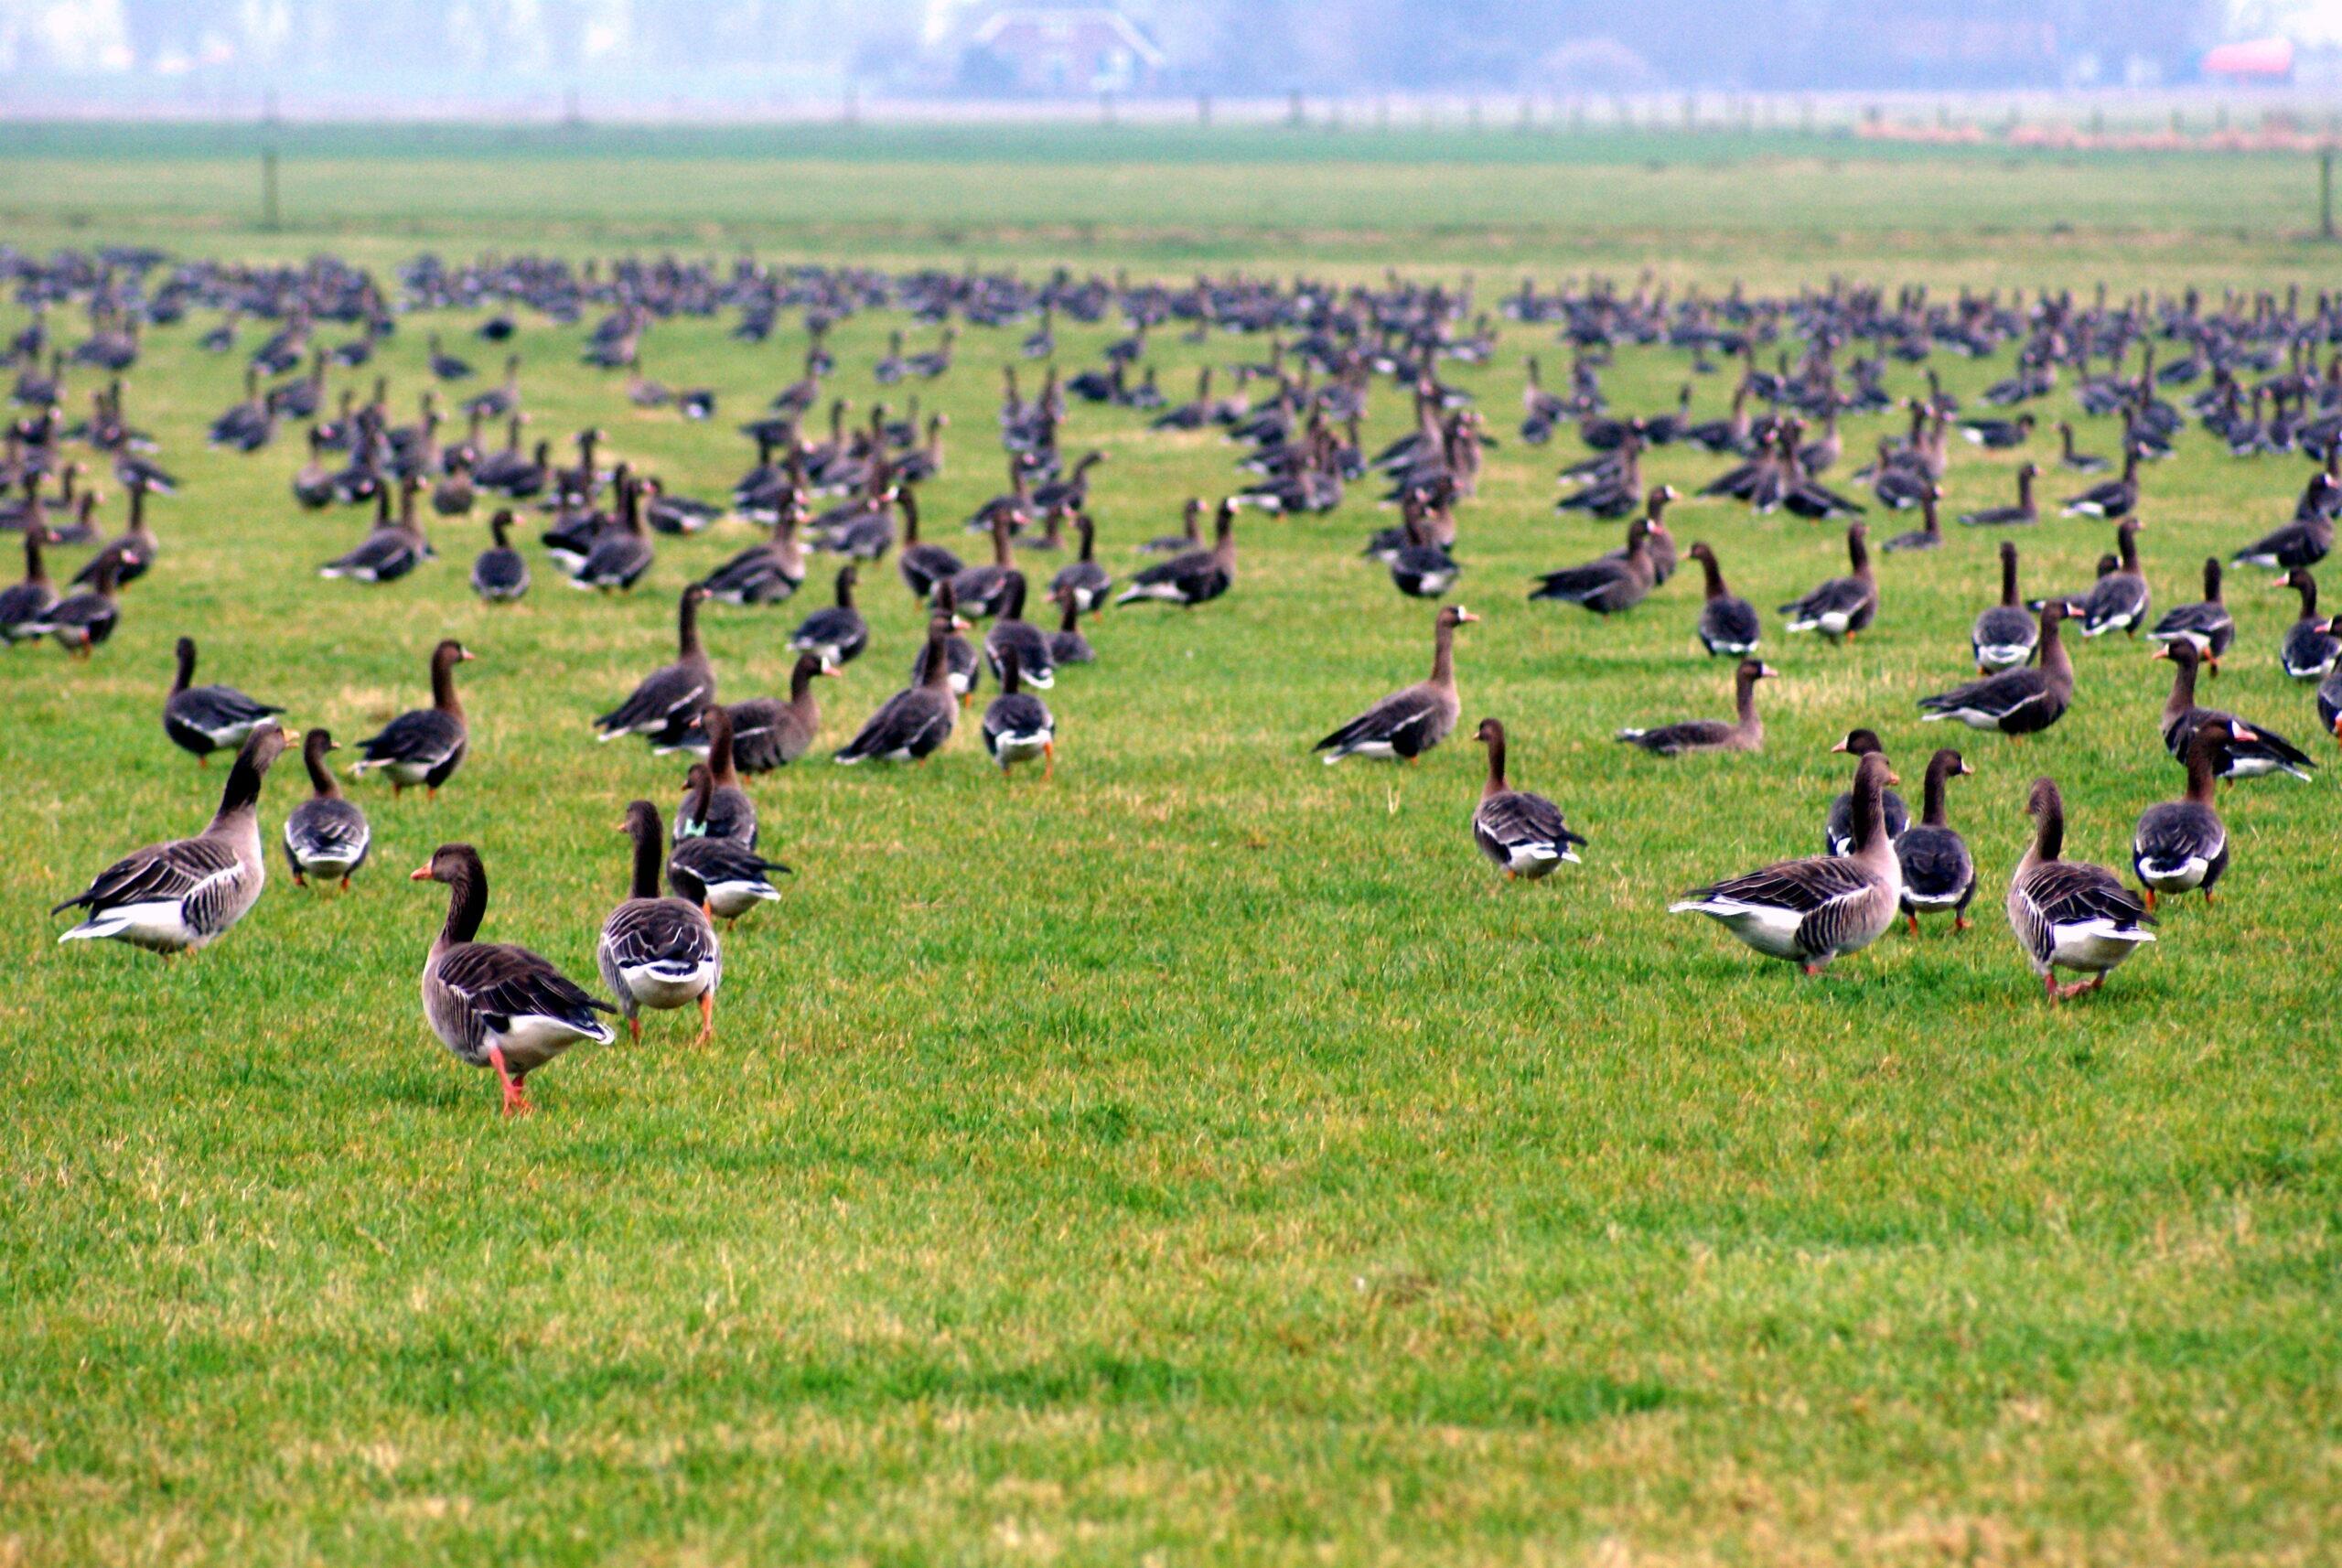 Grauwe ganzen en kolganzen in het grasland